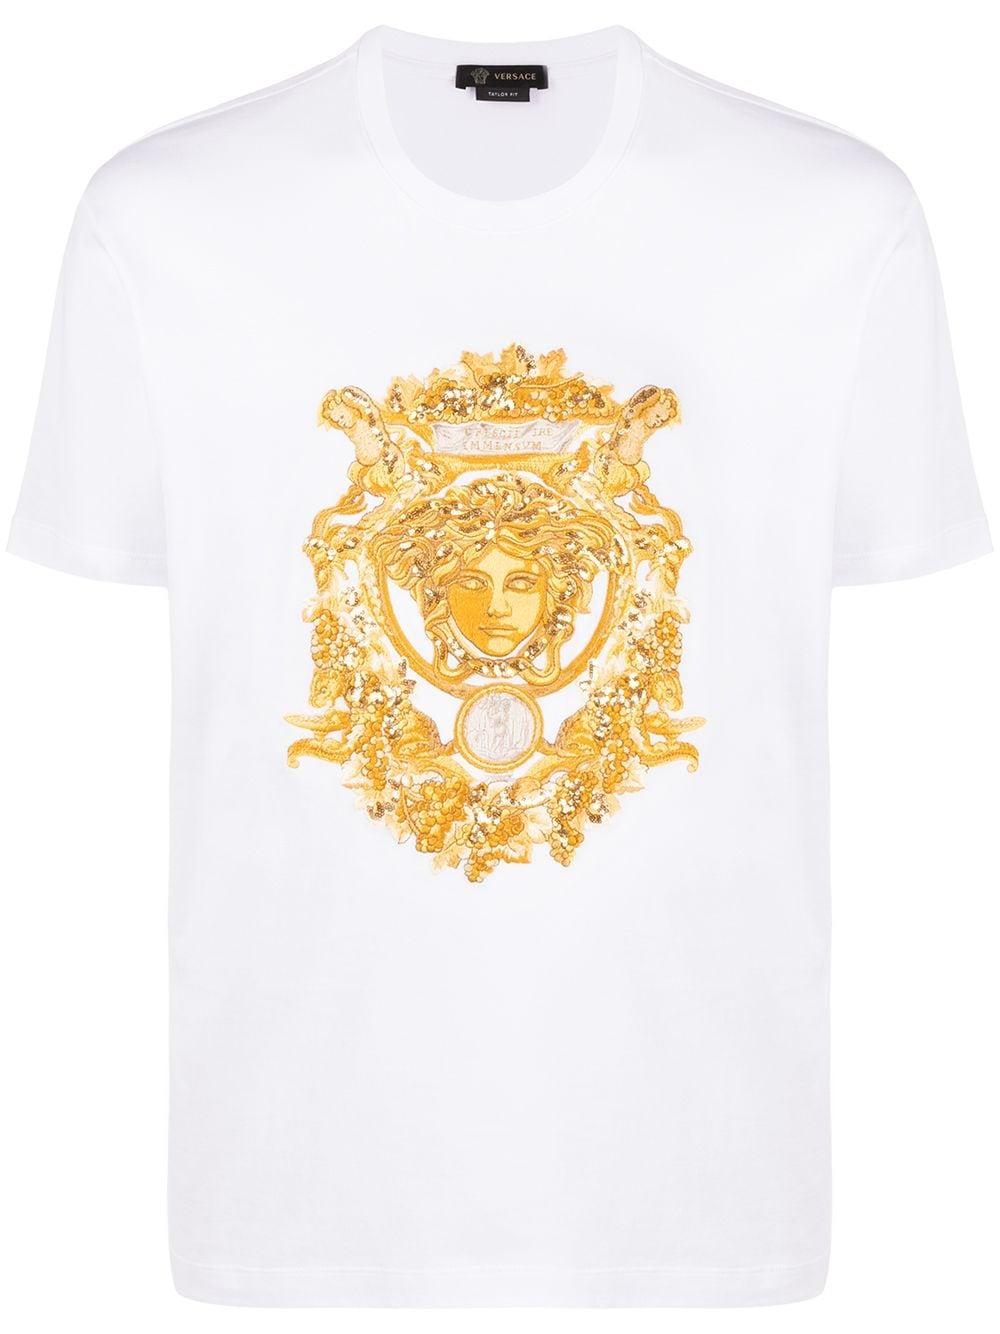 Versace T-Shirt mit Medusa-Stickerei - Weiß